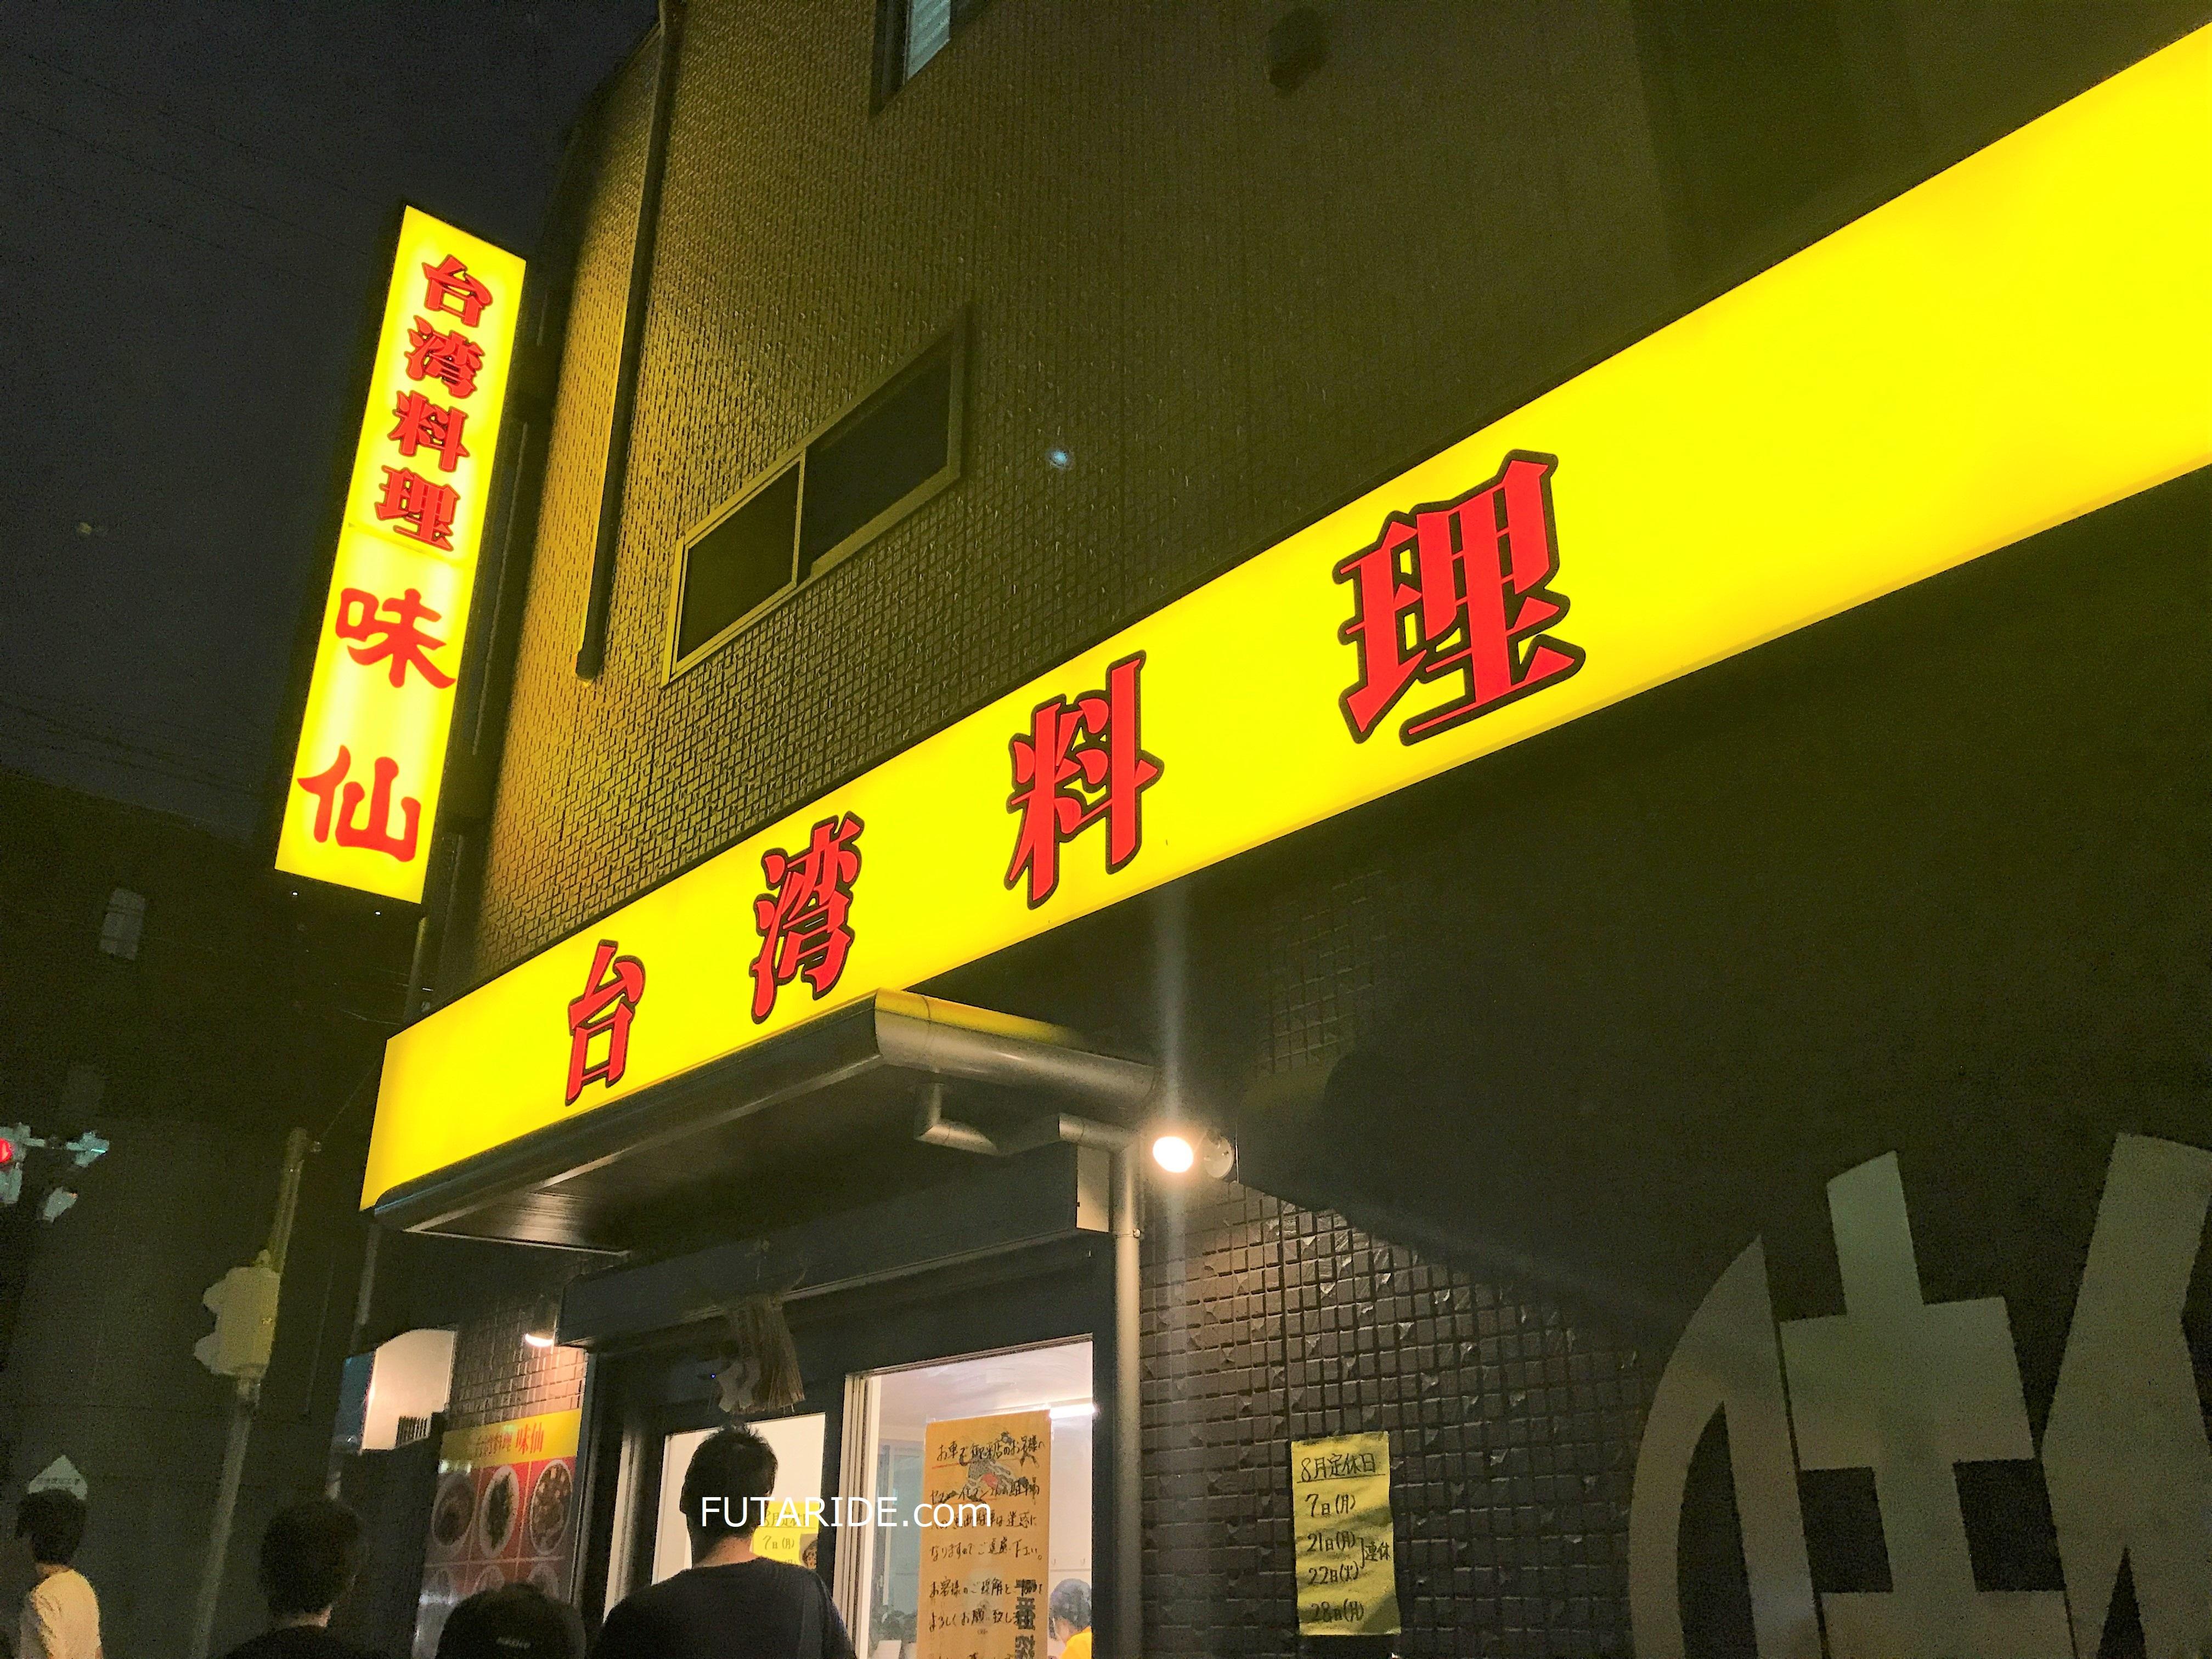 【本格台湾料理】味仙で台湾料理を楽しむデートもあり!?【辛うま】